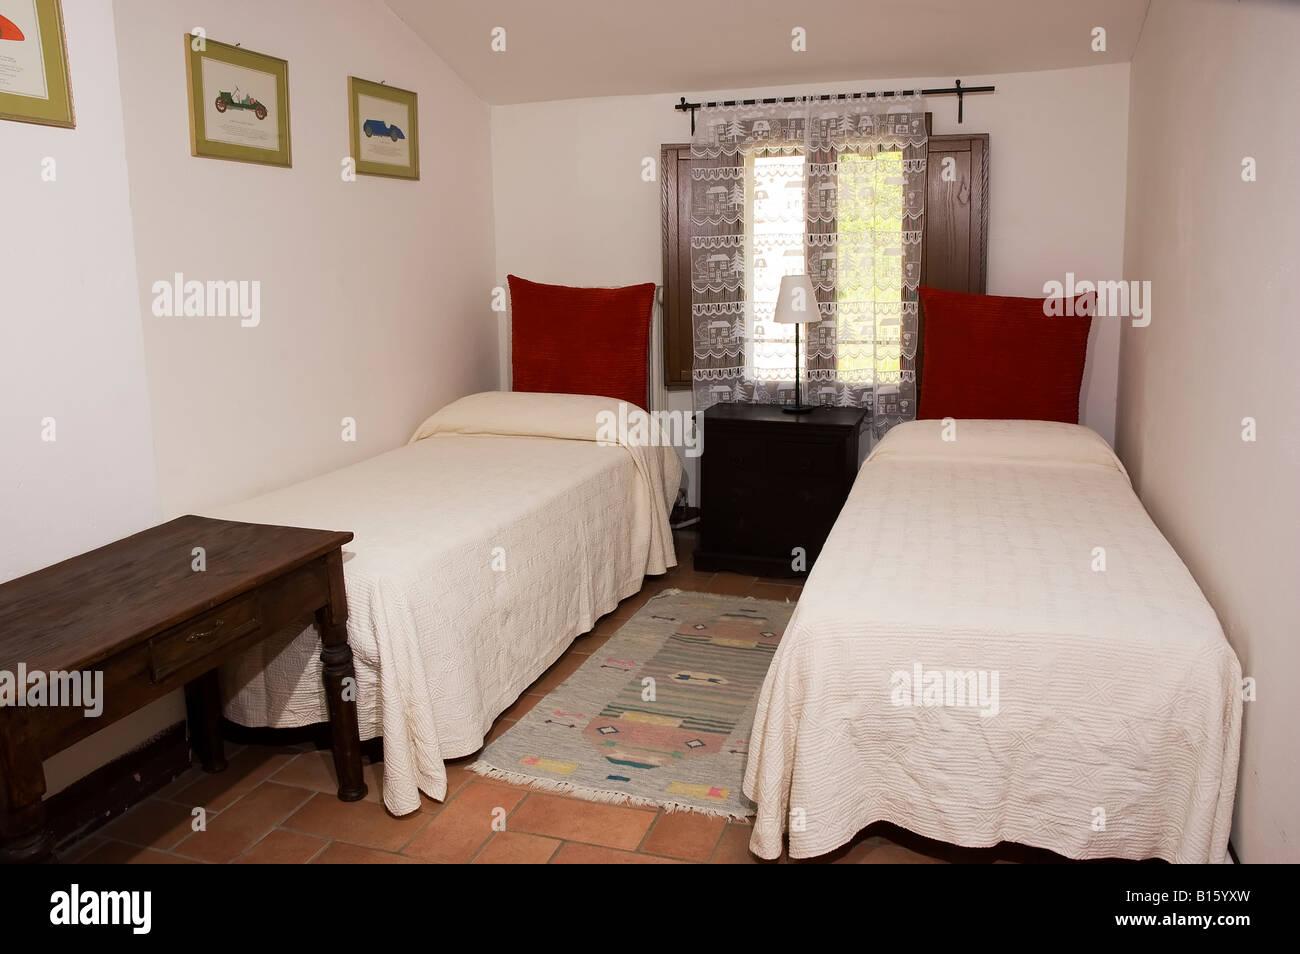 Dos camas individuales en una habitaci n de hotel r stico para ni os campo de bolonia de emilia - Dos camas en una ...